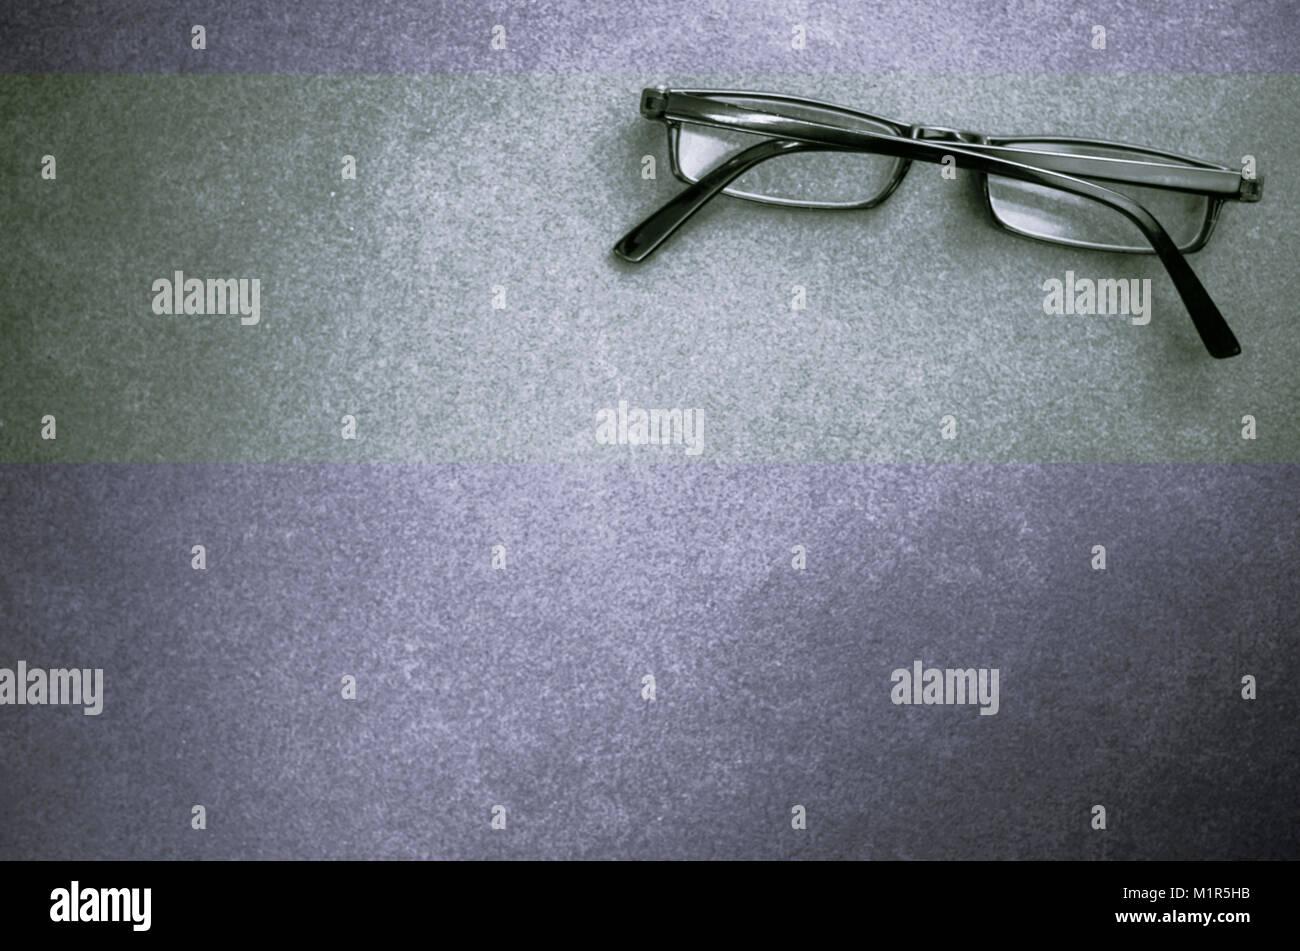 Cerrado los anteojos sobre una superficie de piedra oscura - vista superior Imagen De Stock